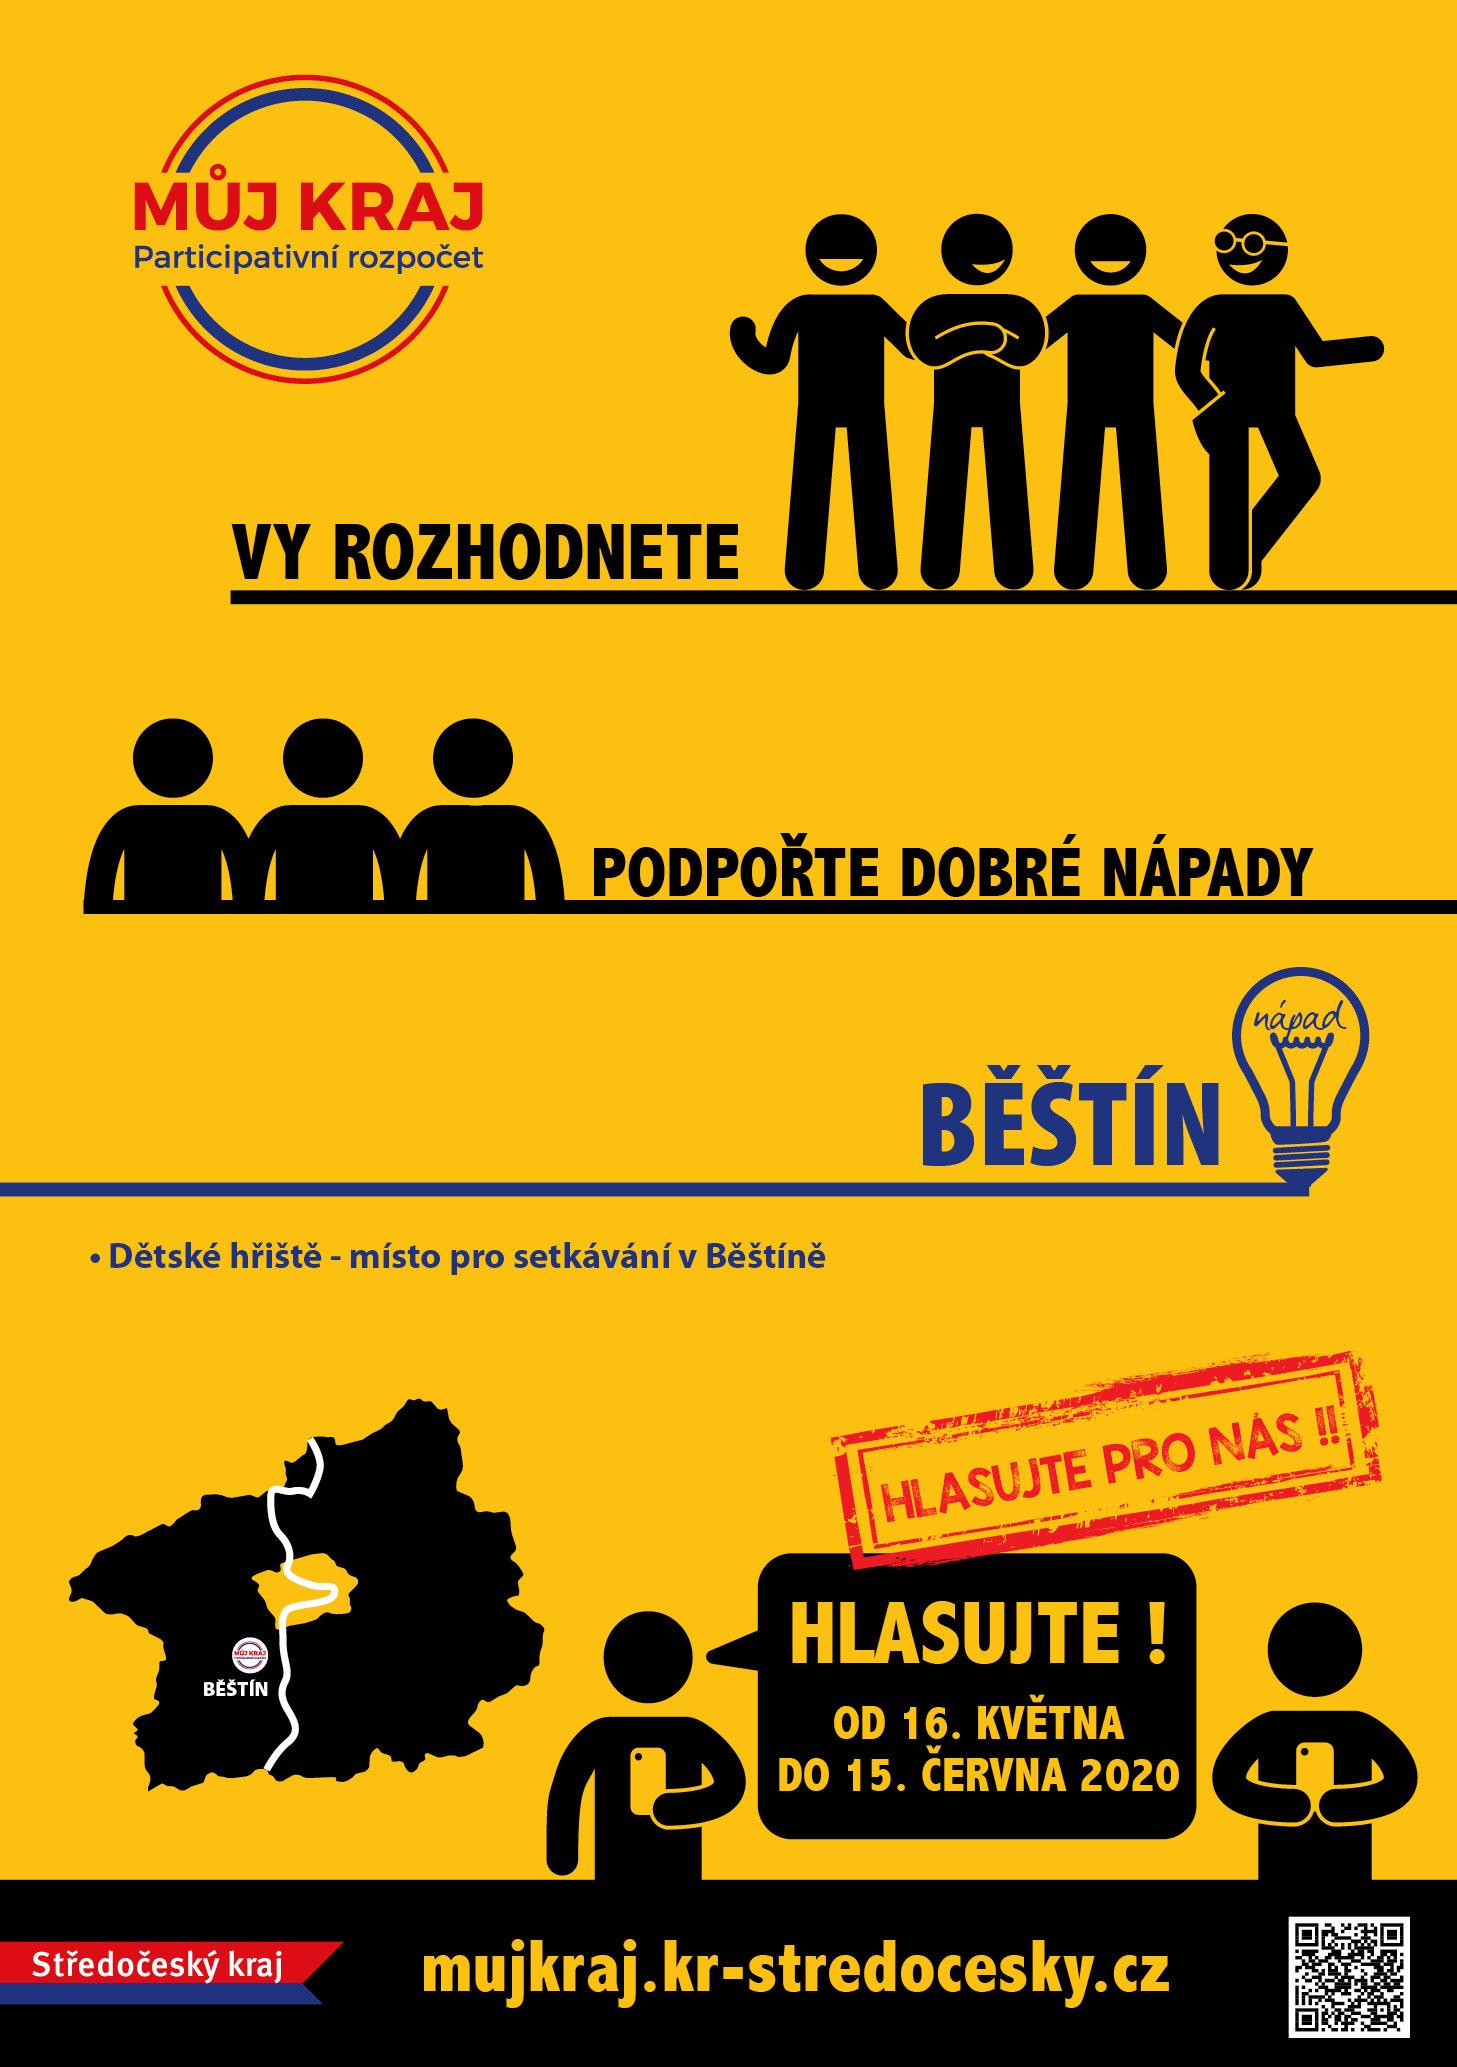 Participativní rozpočet Středočeského kraje - Můj kraj